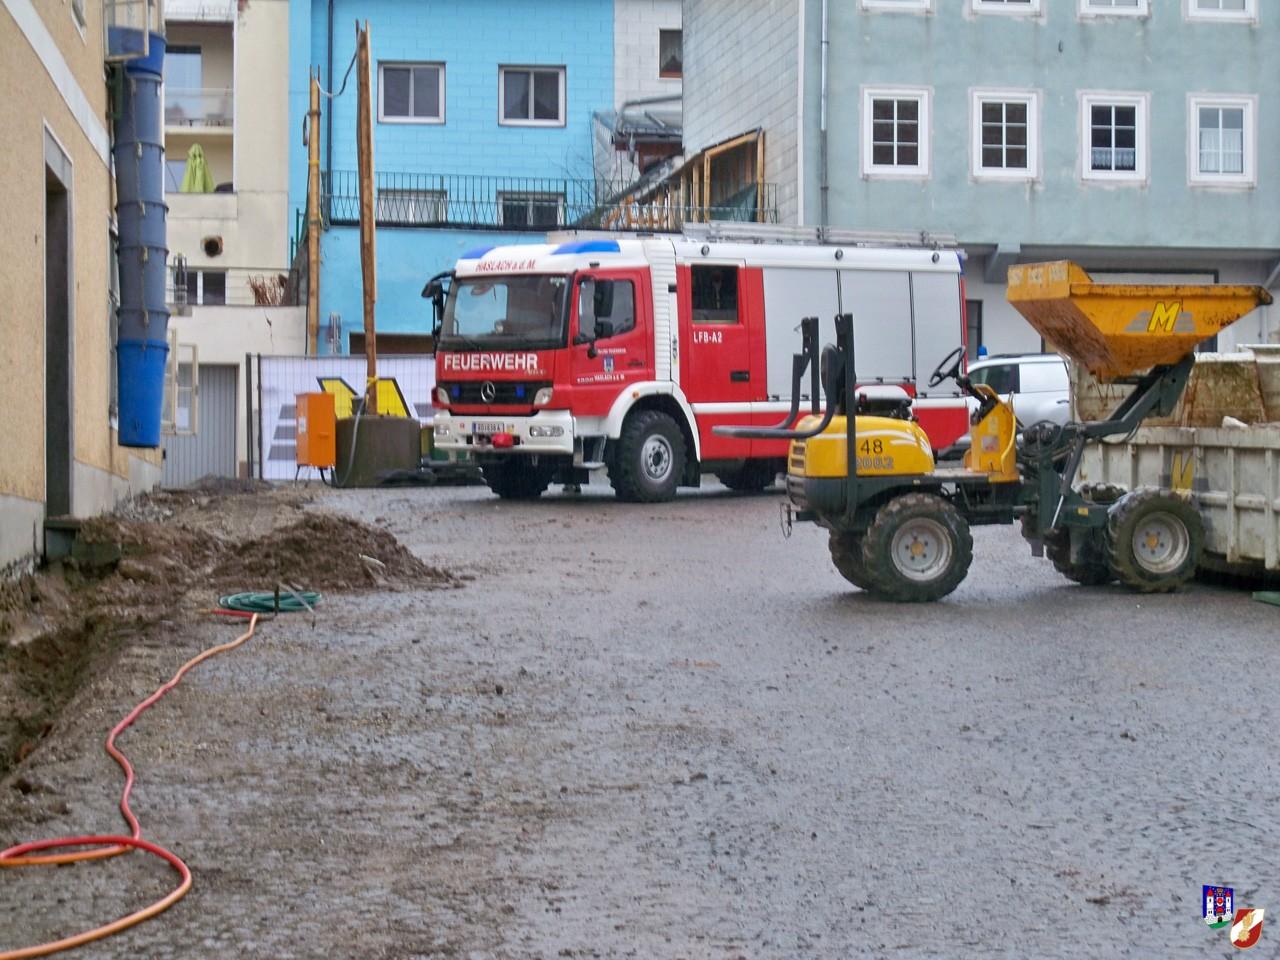 Gasgebrechen im Ortszentrum